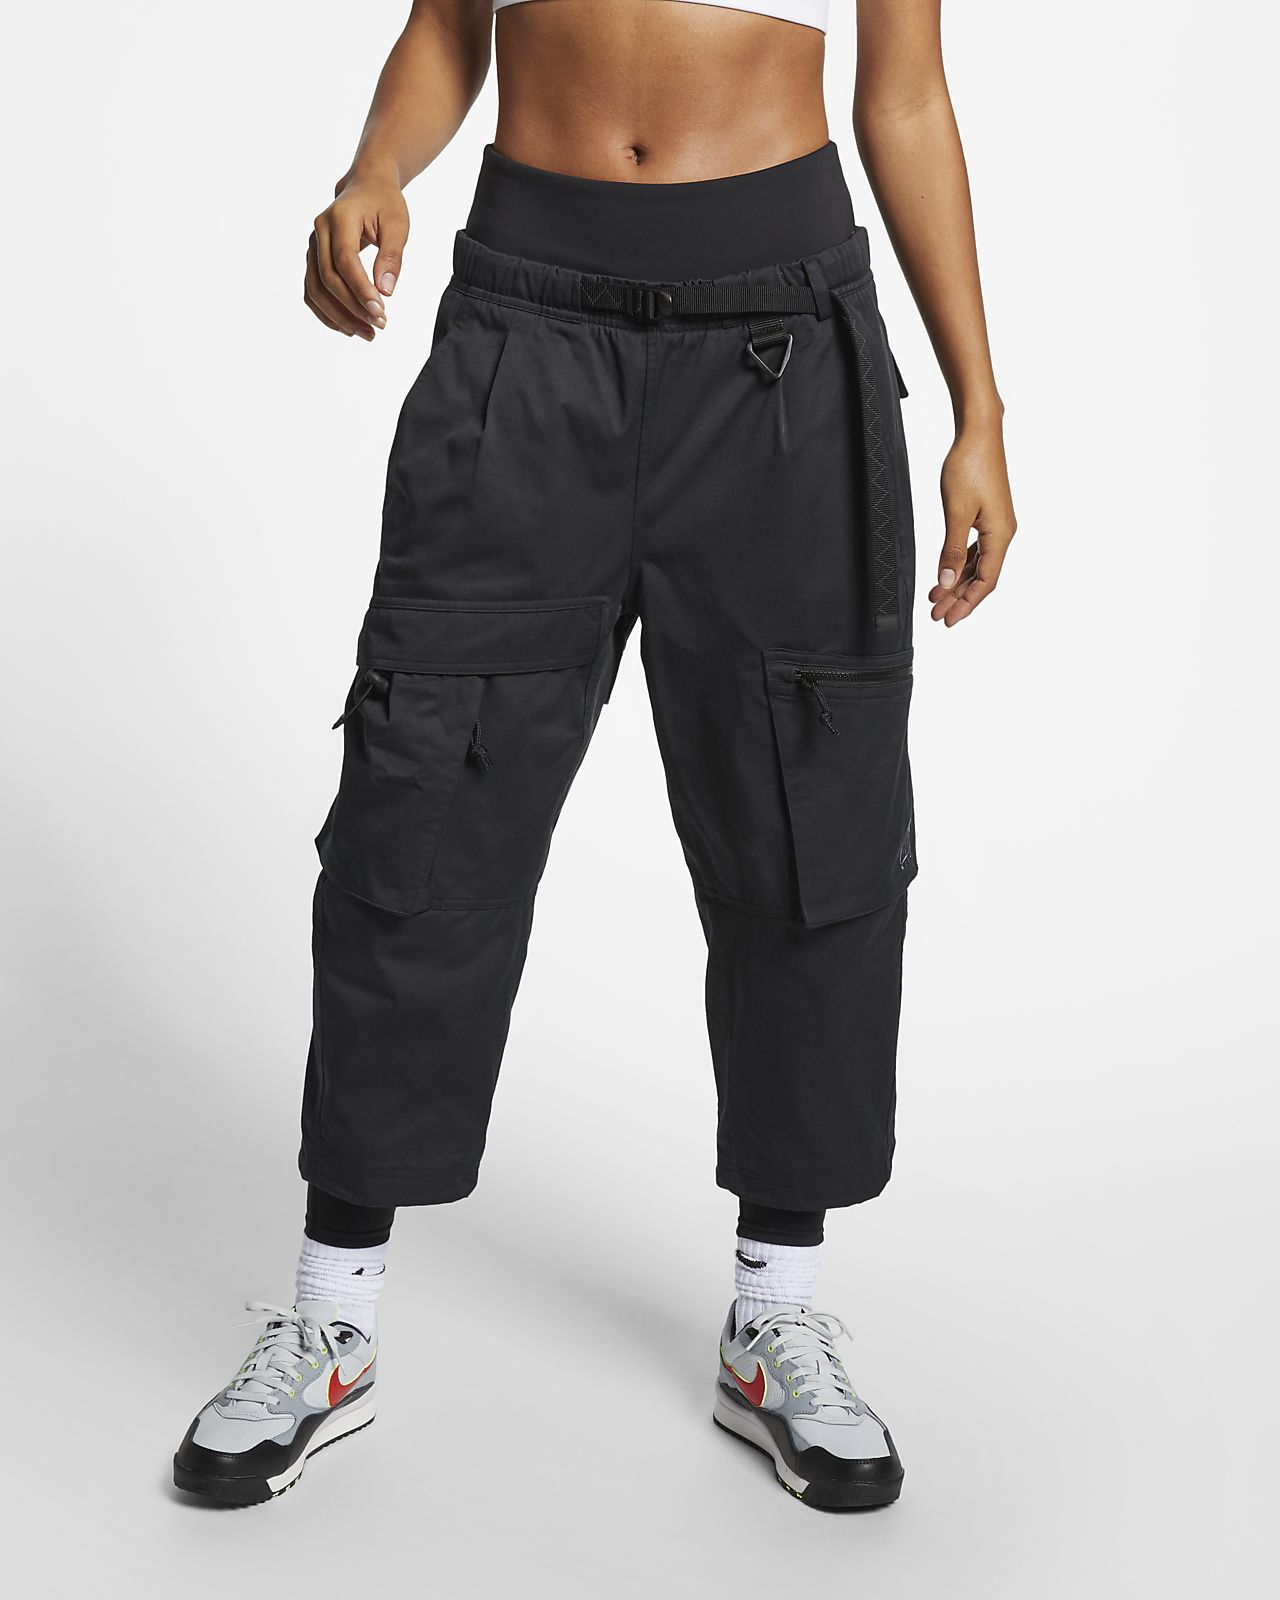 Pantaloni Nike ACG - Donna